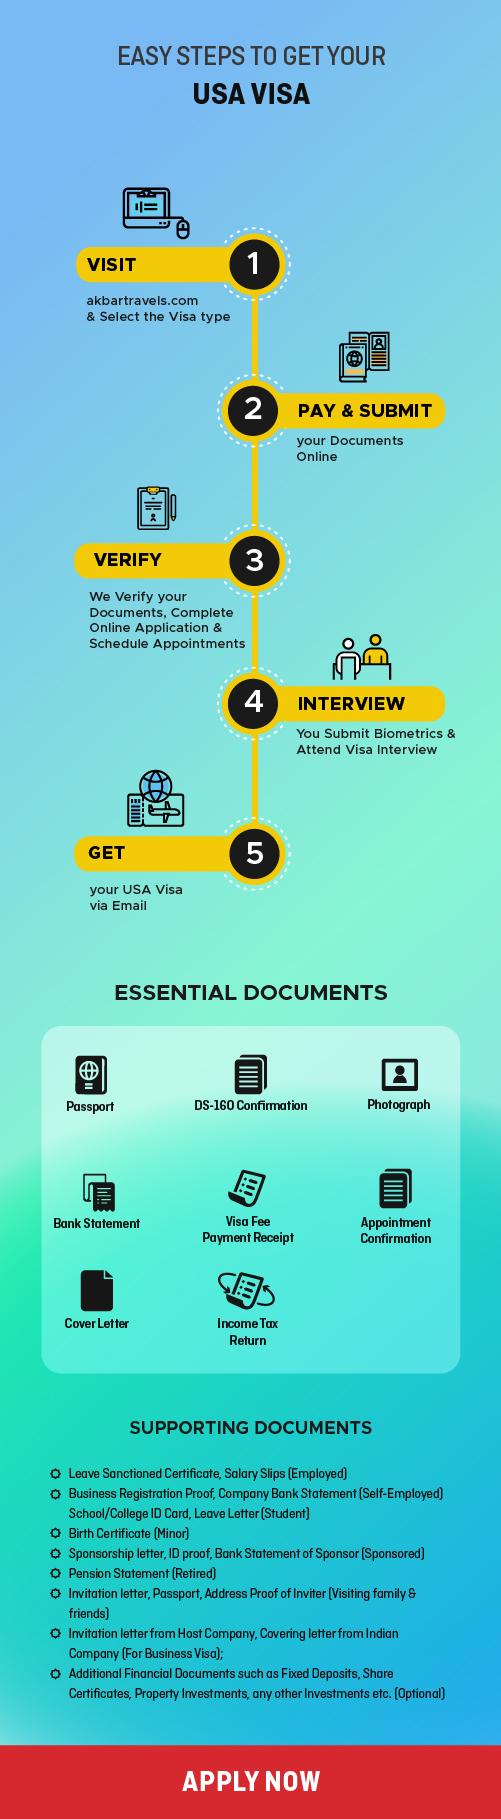 Steps to get US Visa